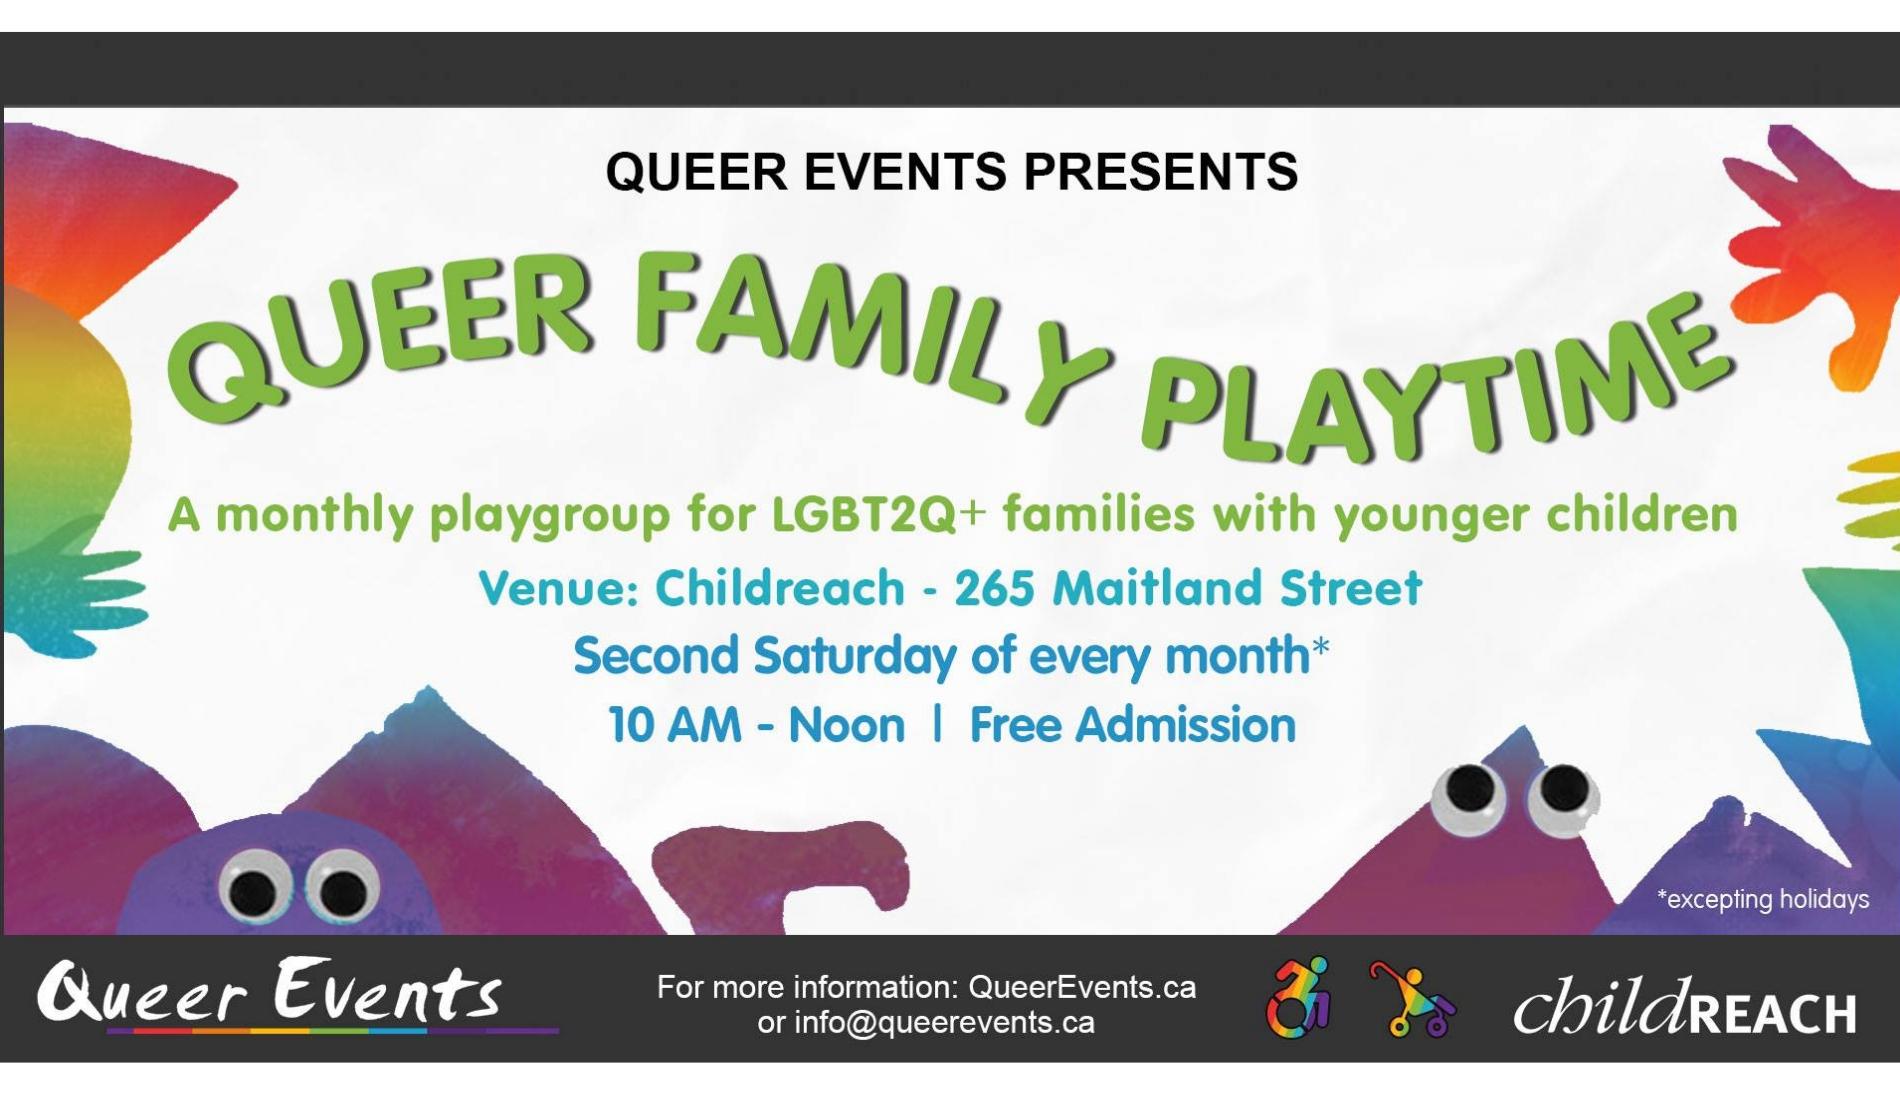 queer family playtime (1).jpg